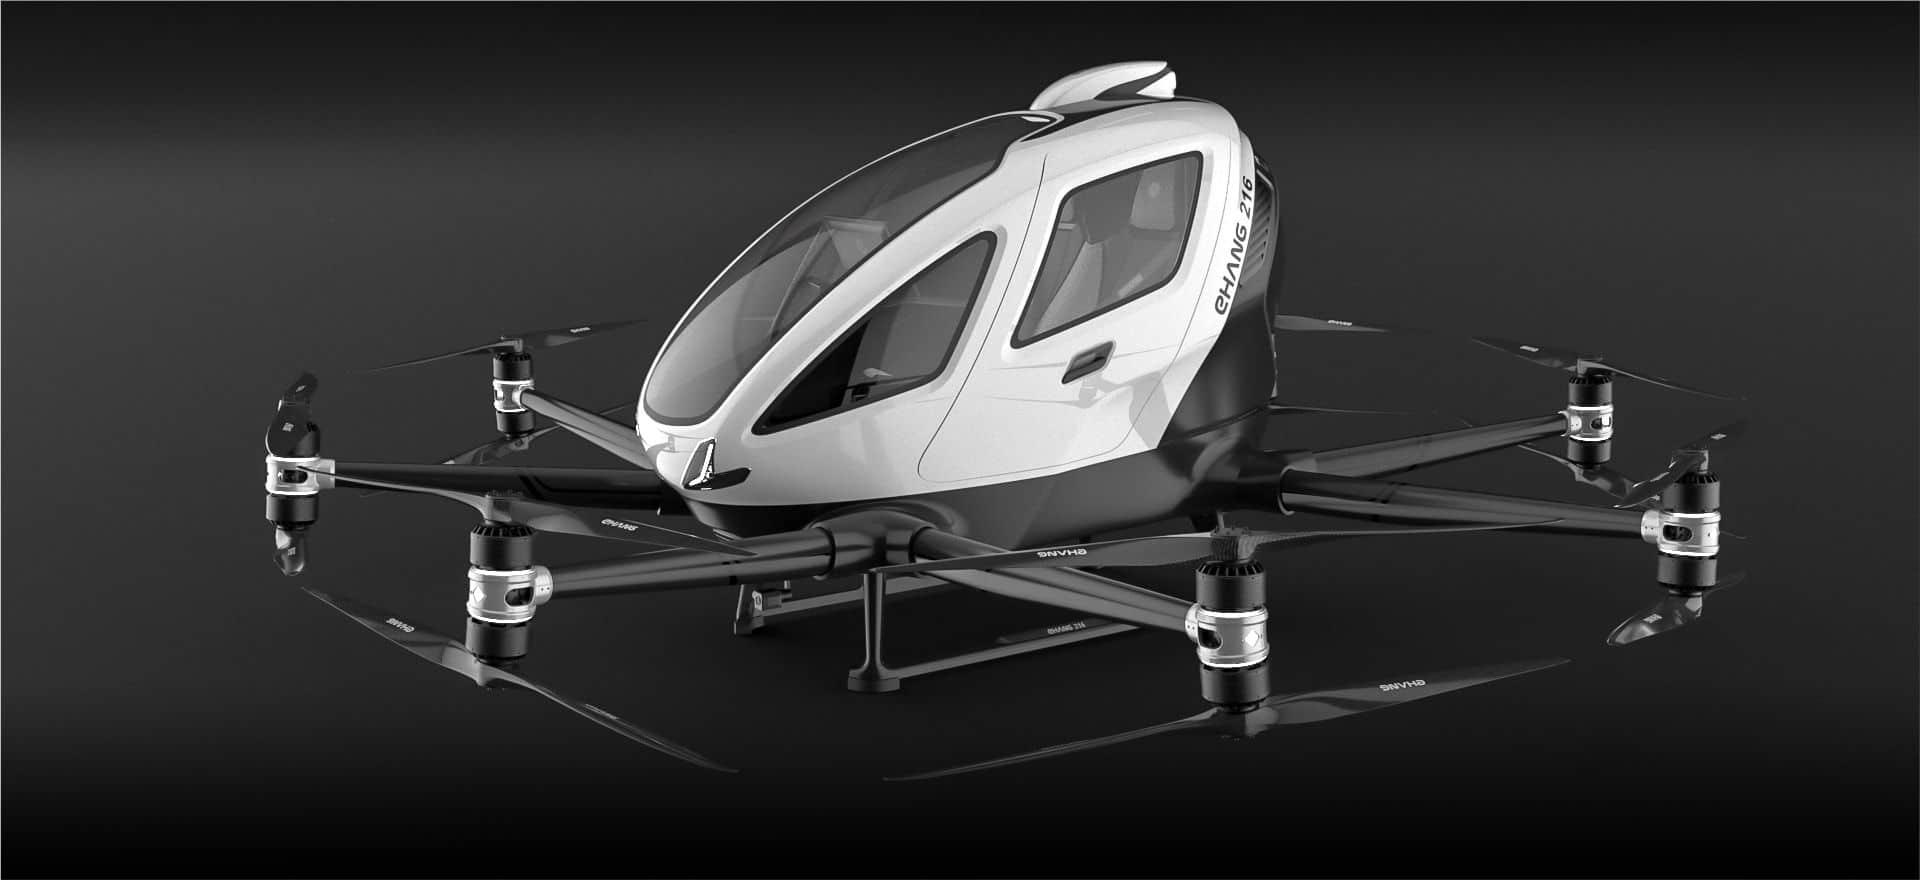 Droni per il trasporto di persone in Europa